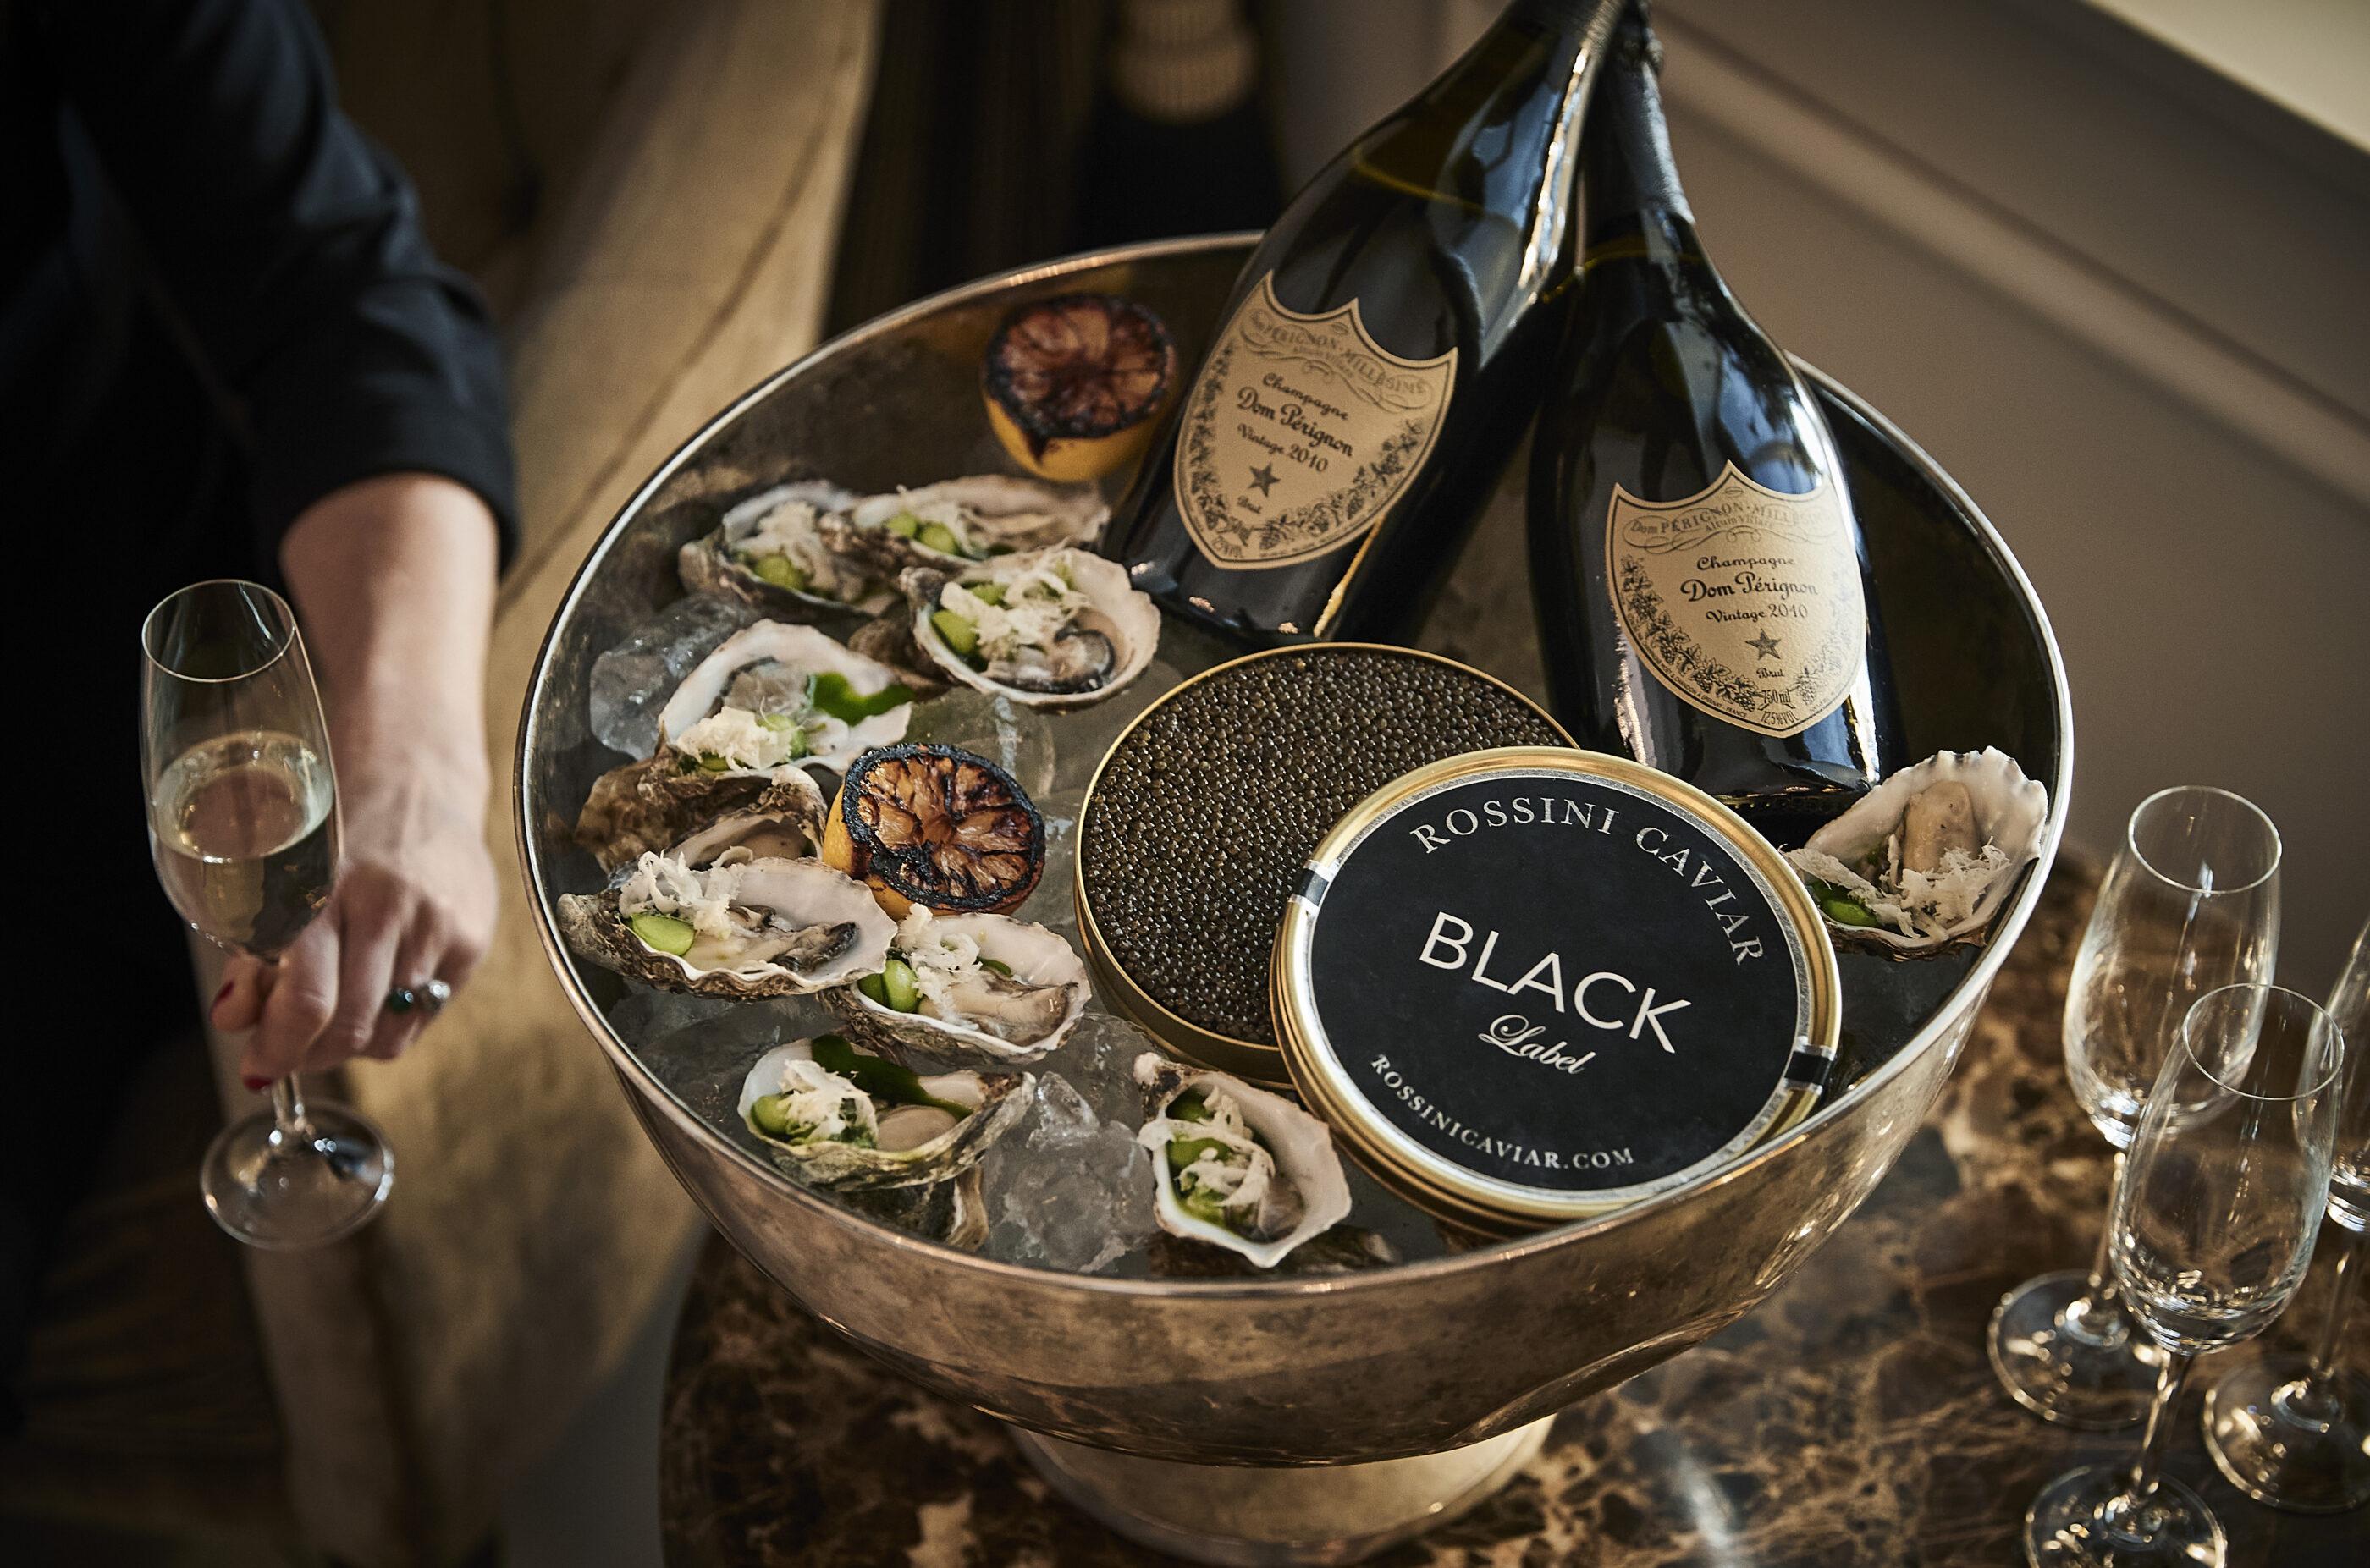 Luksus anretning med caviar, østers og champagne